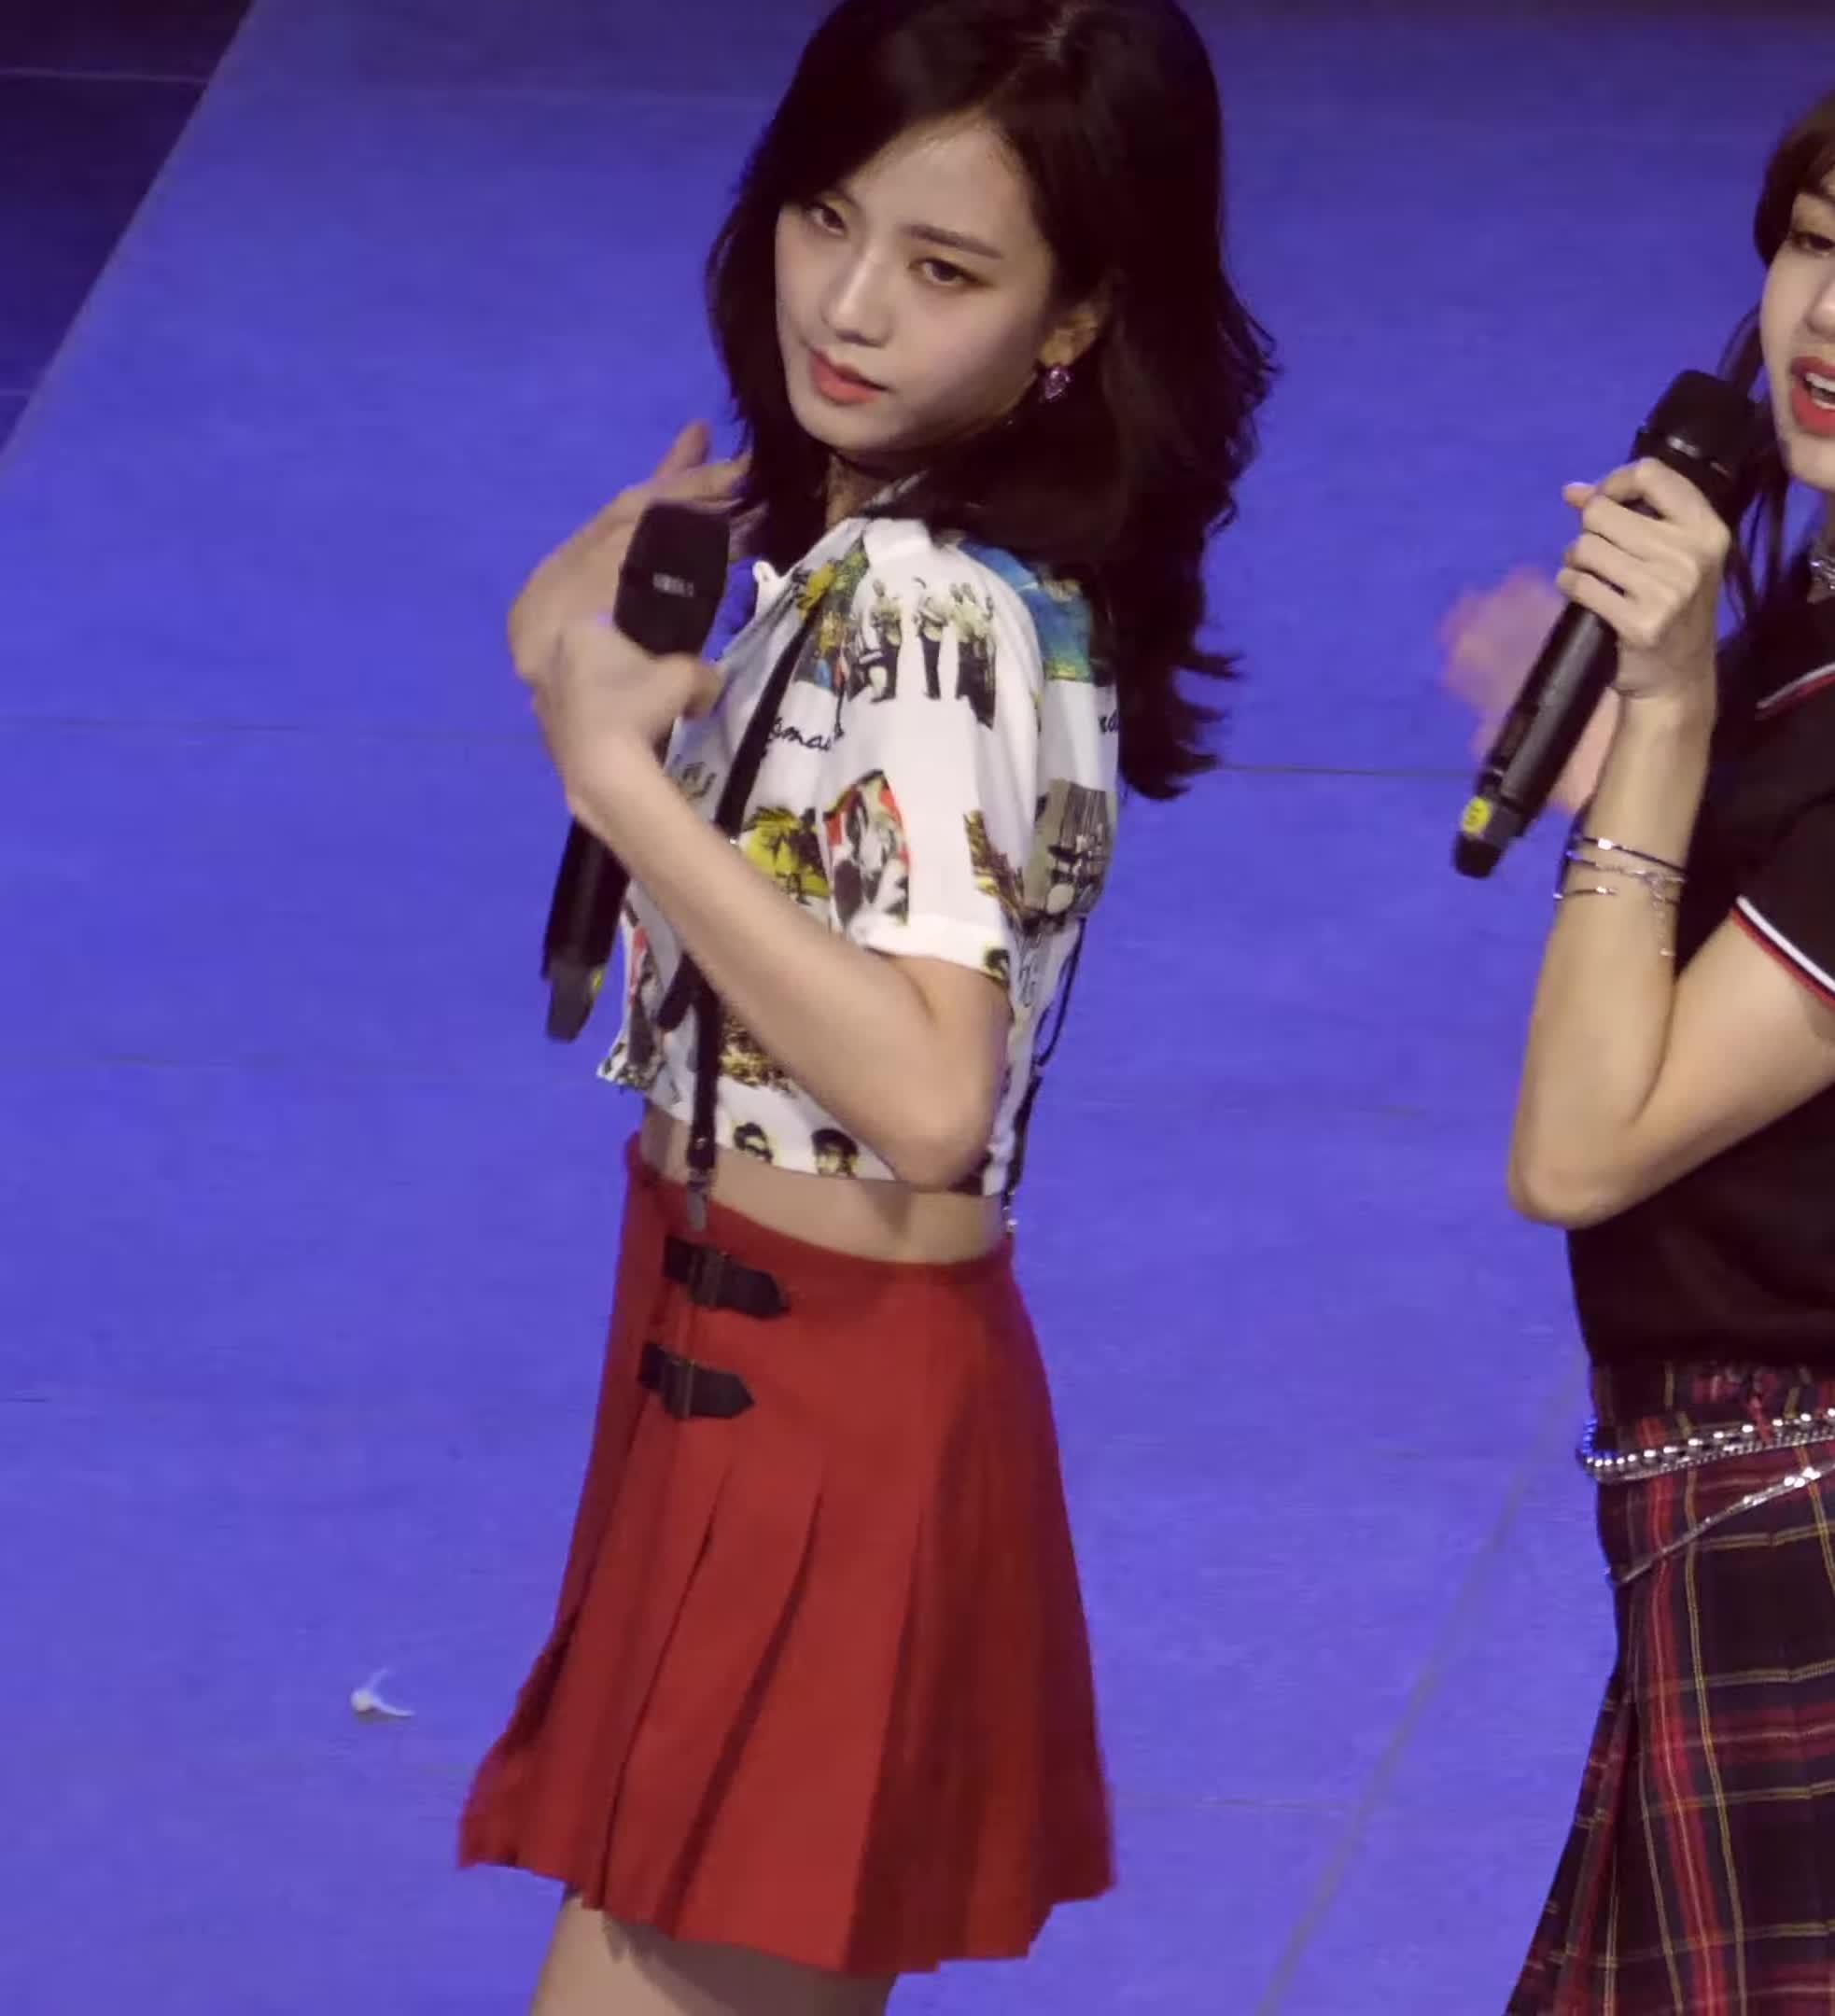 지수, BlackPink Jisoo Too Big For Her Buttons Lead GFY GIFs